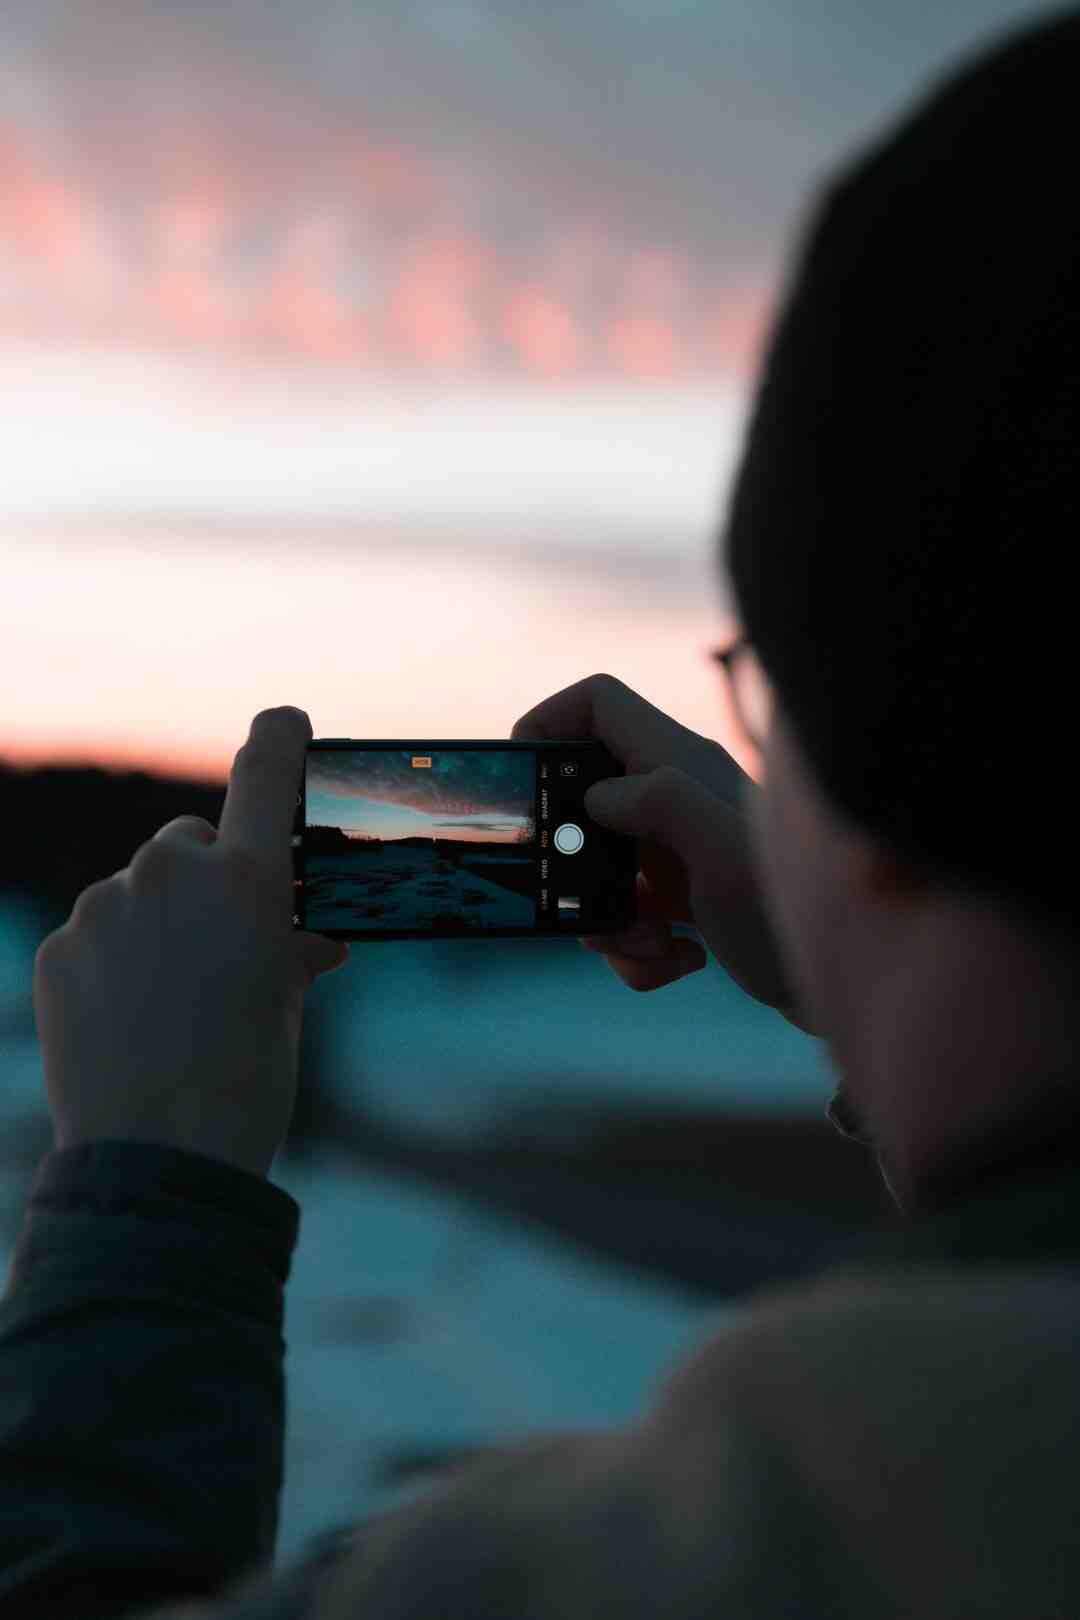 Comment mettre photo sur icloud